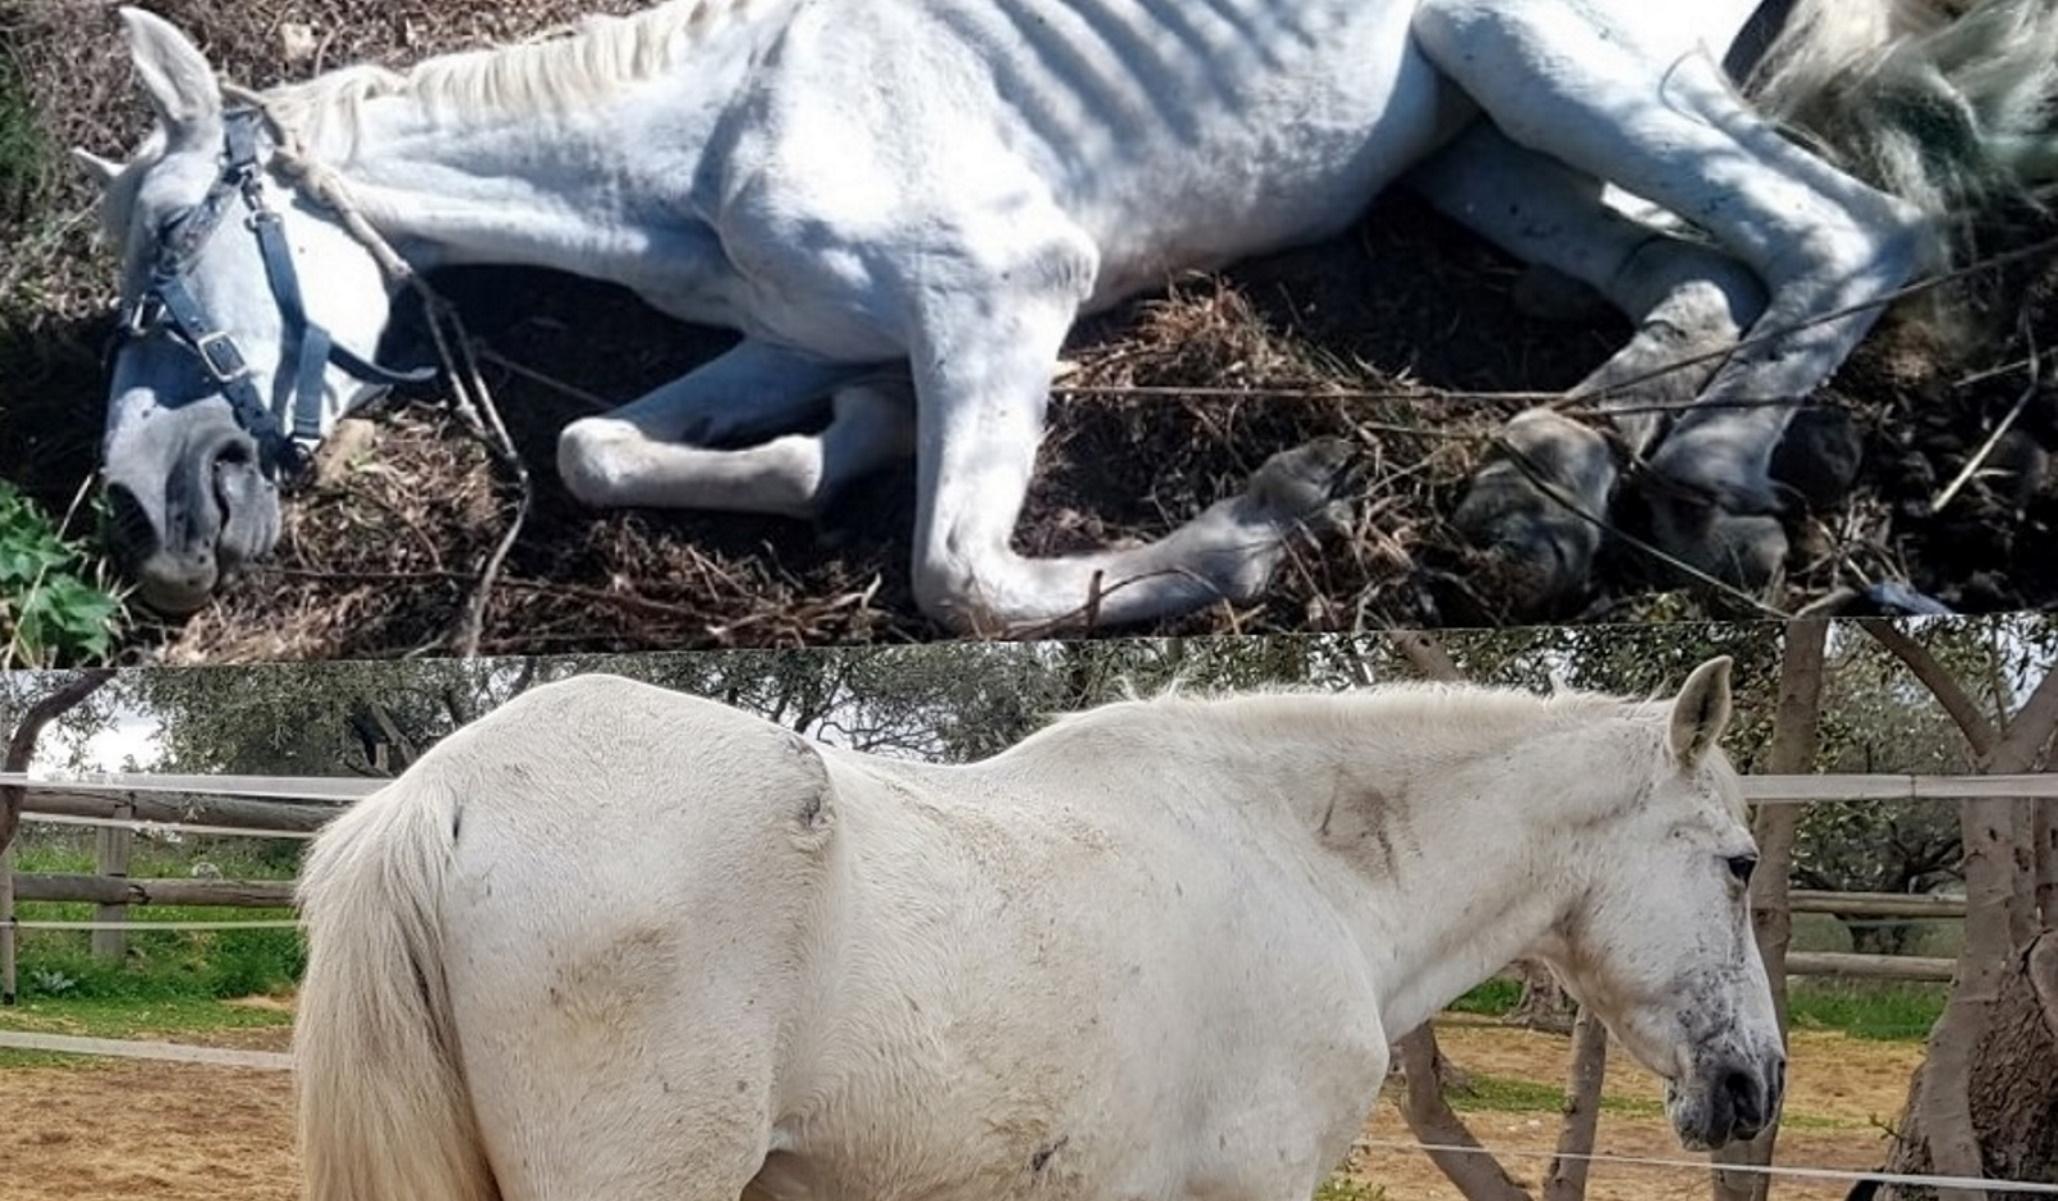 Μεσσηνία: Η θεαματική μεταμόρφωση της Ιόλης – Πώς είναι σήμερα το αποστεωμένο άλογο (pics)